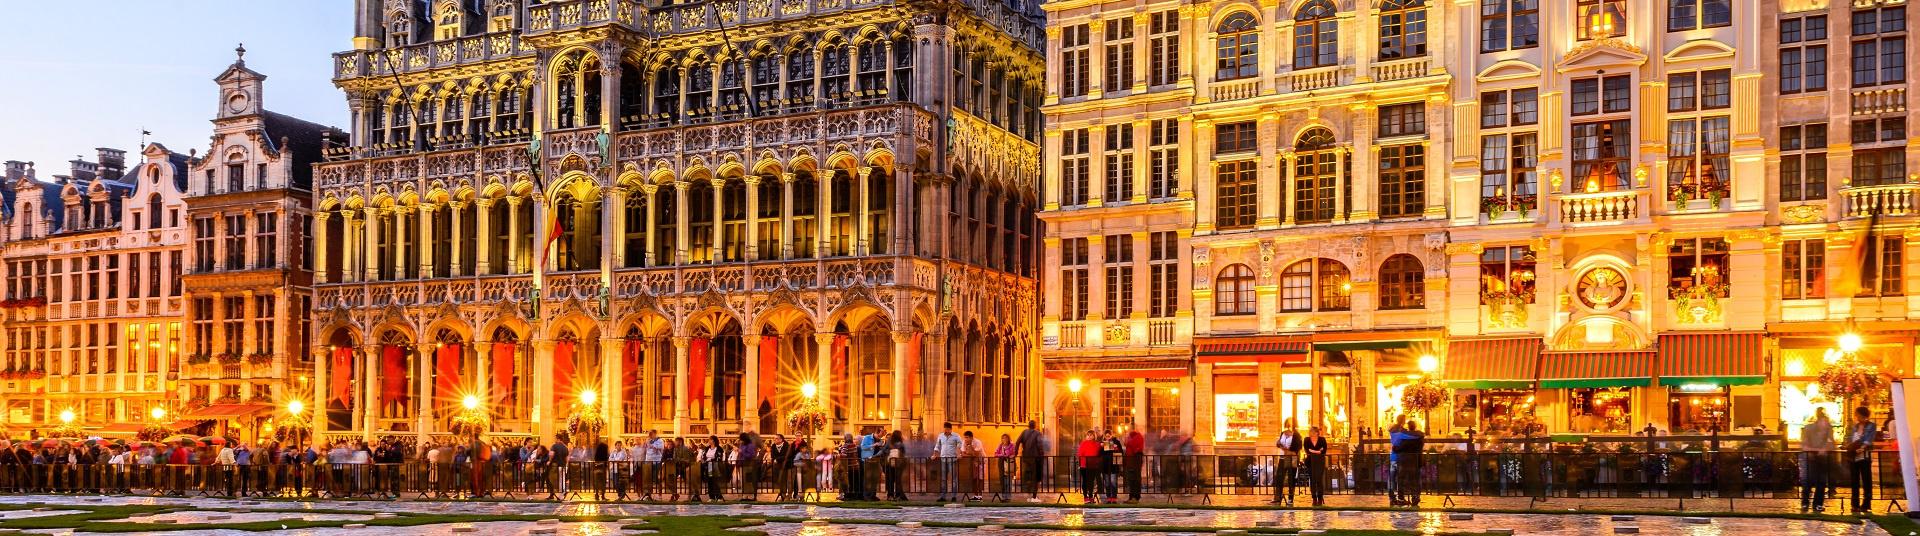 Week-end pas cher Bruxelles